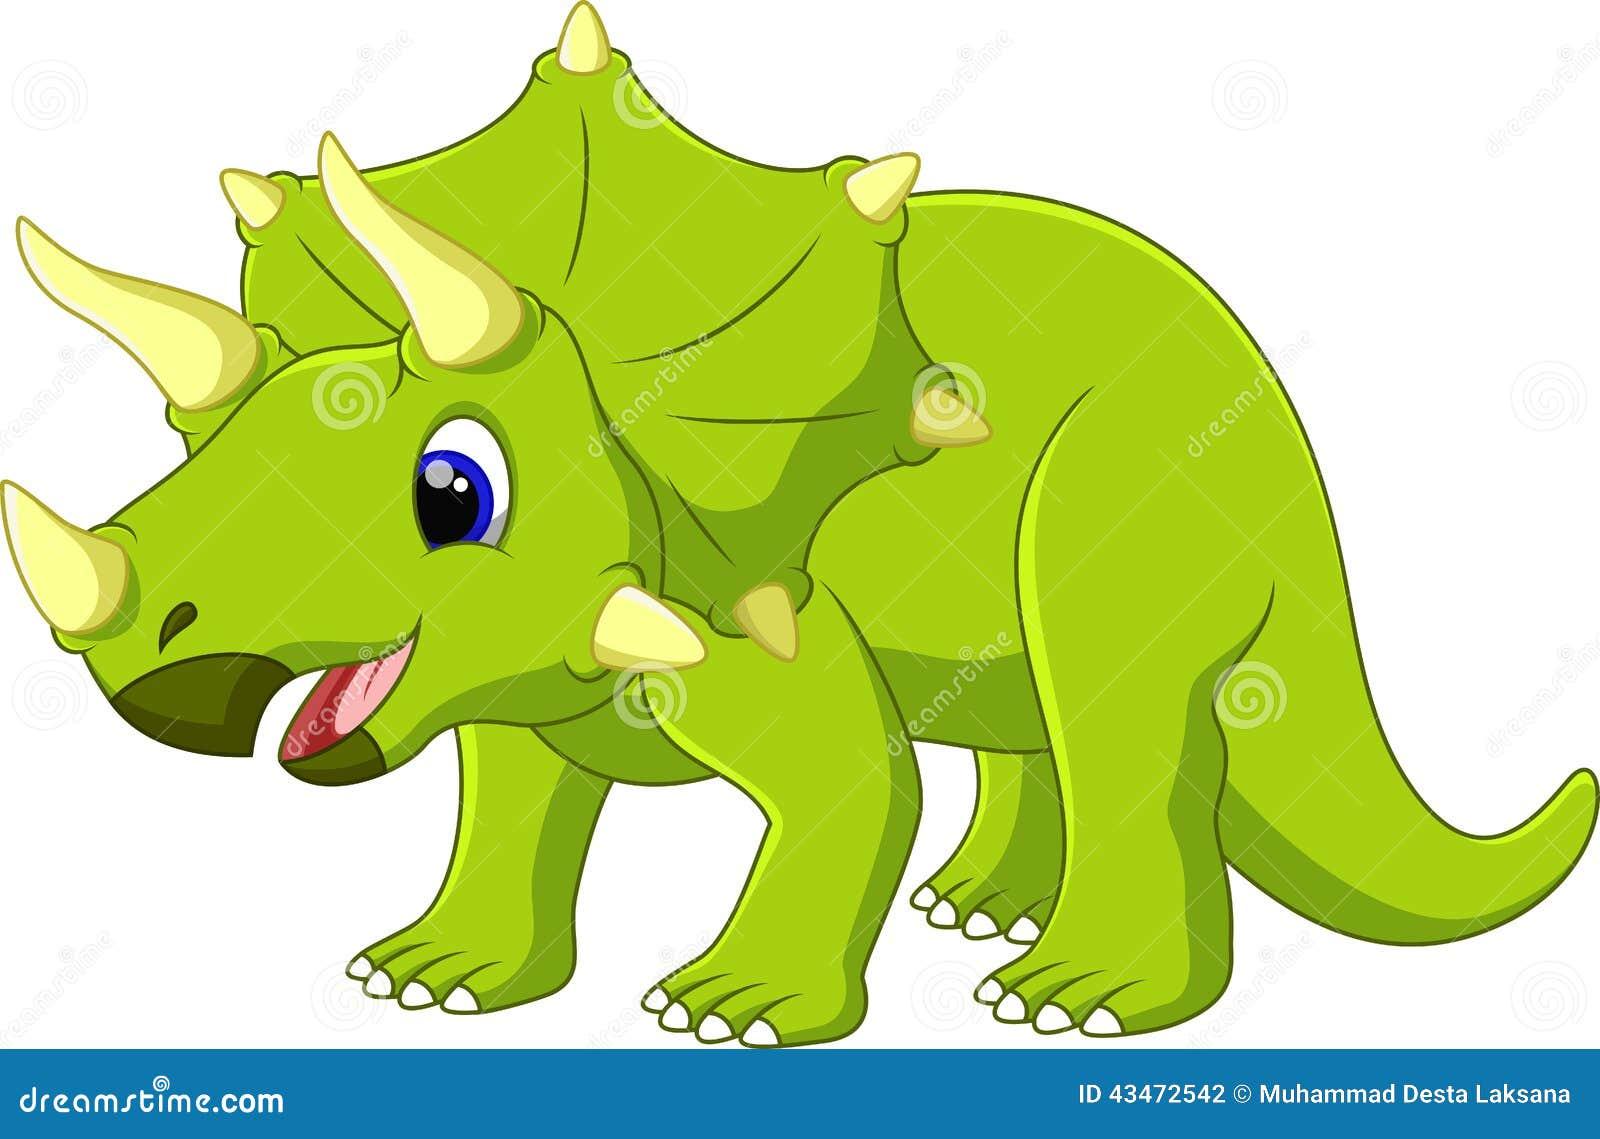 逗人喜爱的三角恐龙动画片有白色背景.图片